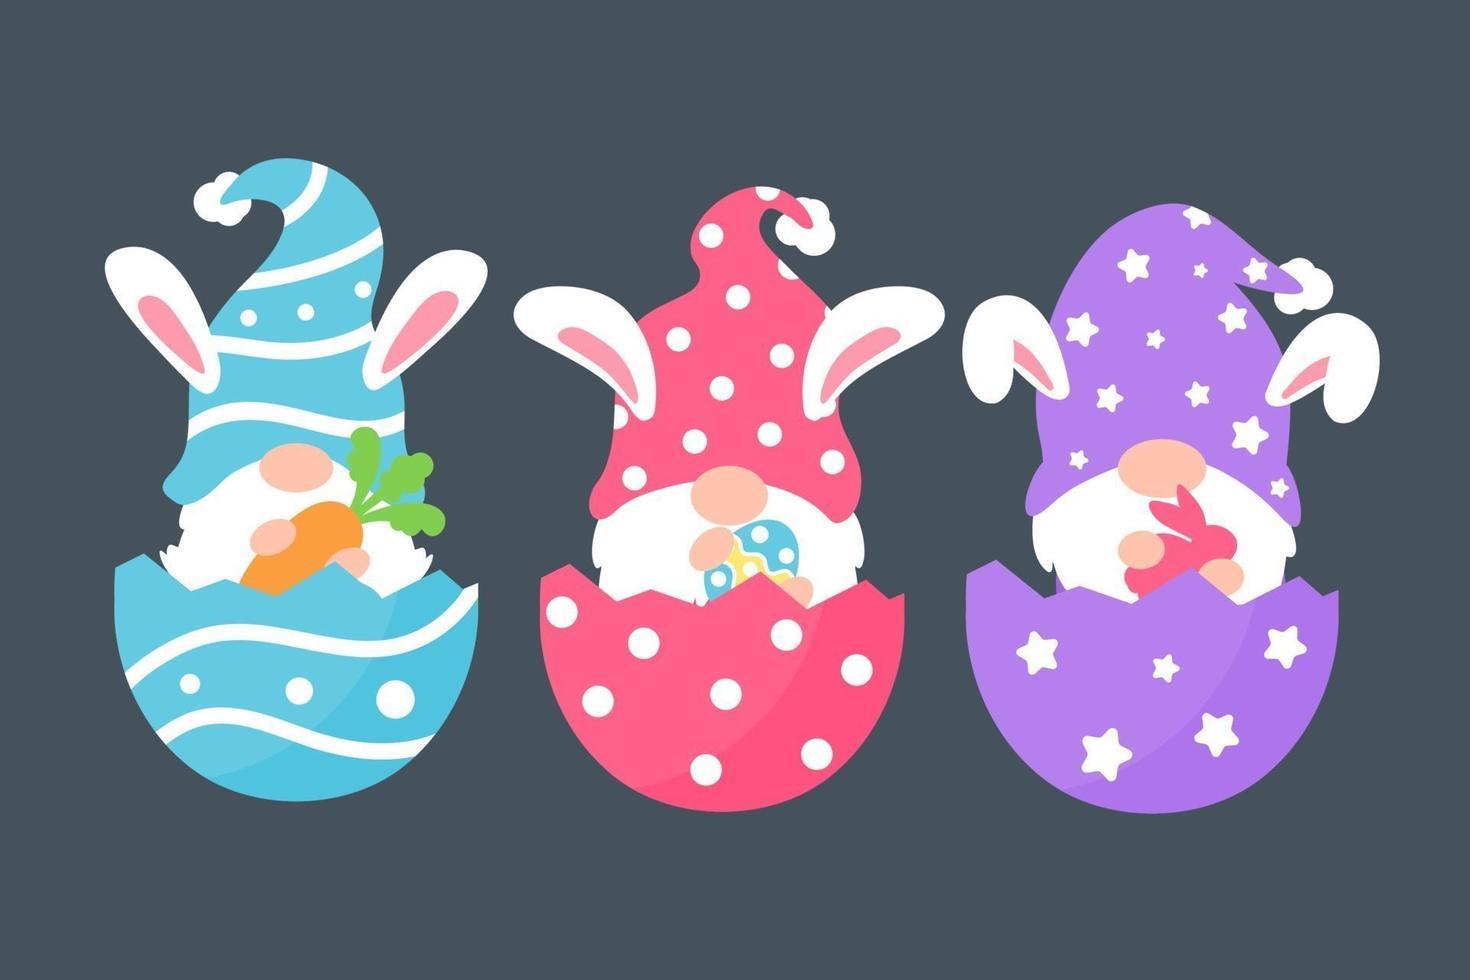 gnomos fofos usando orelhas de coelho segurando cenouras em ovos vetor